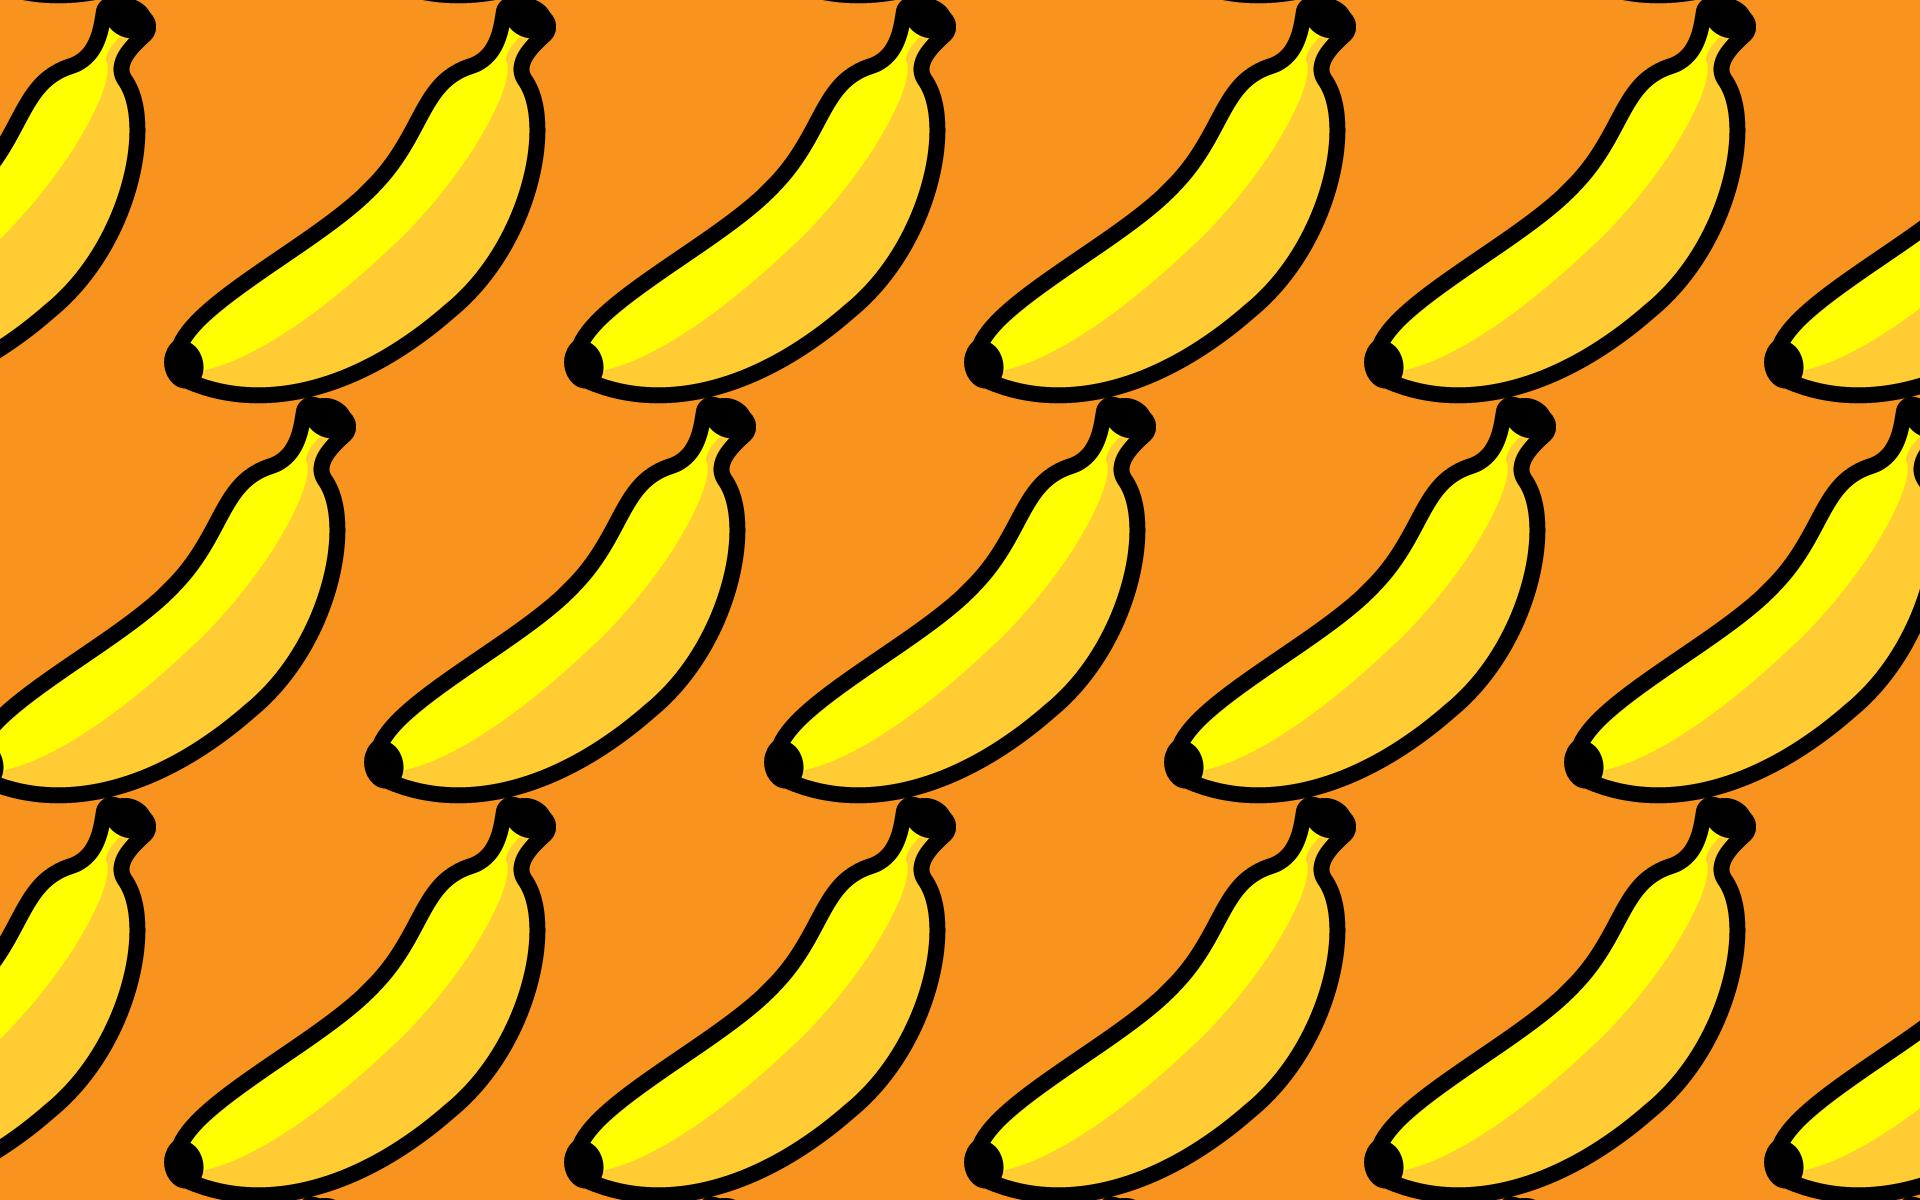 かわいいバナナづくし壁紙 Pc の無料イラスト 商用フリー オイデ43